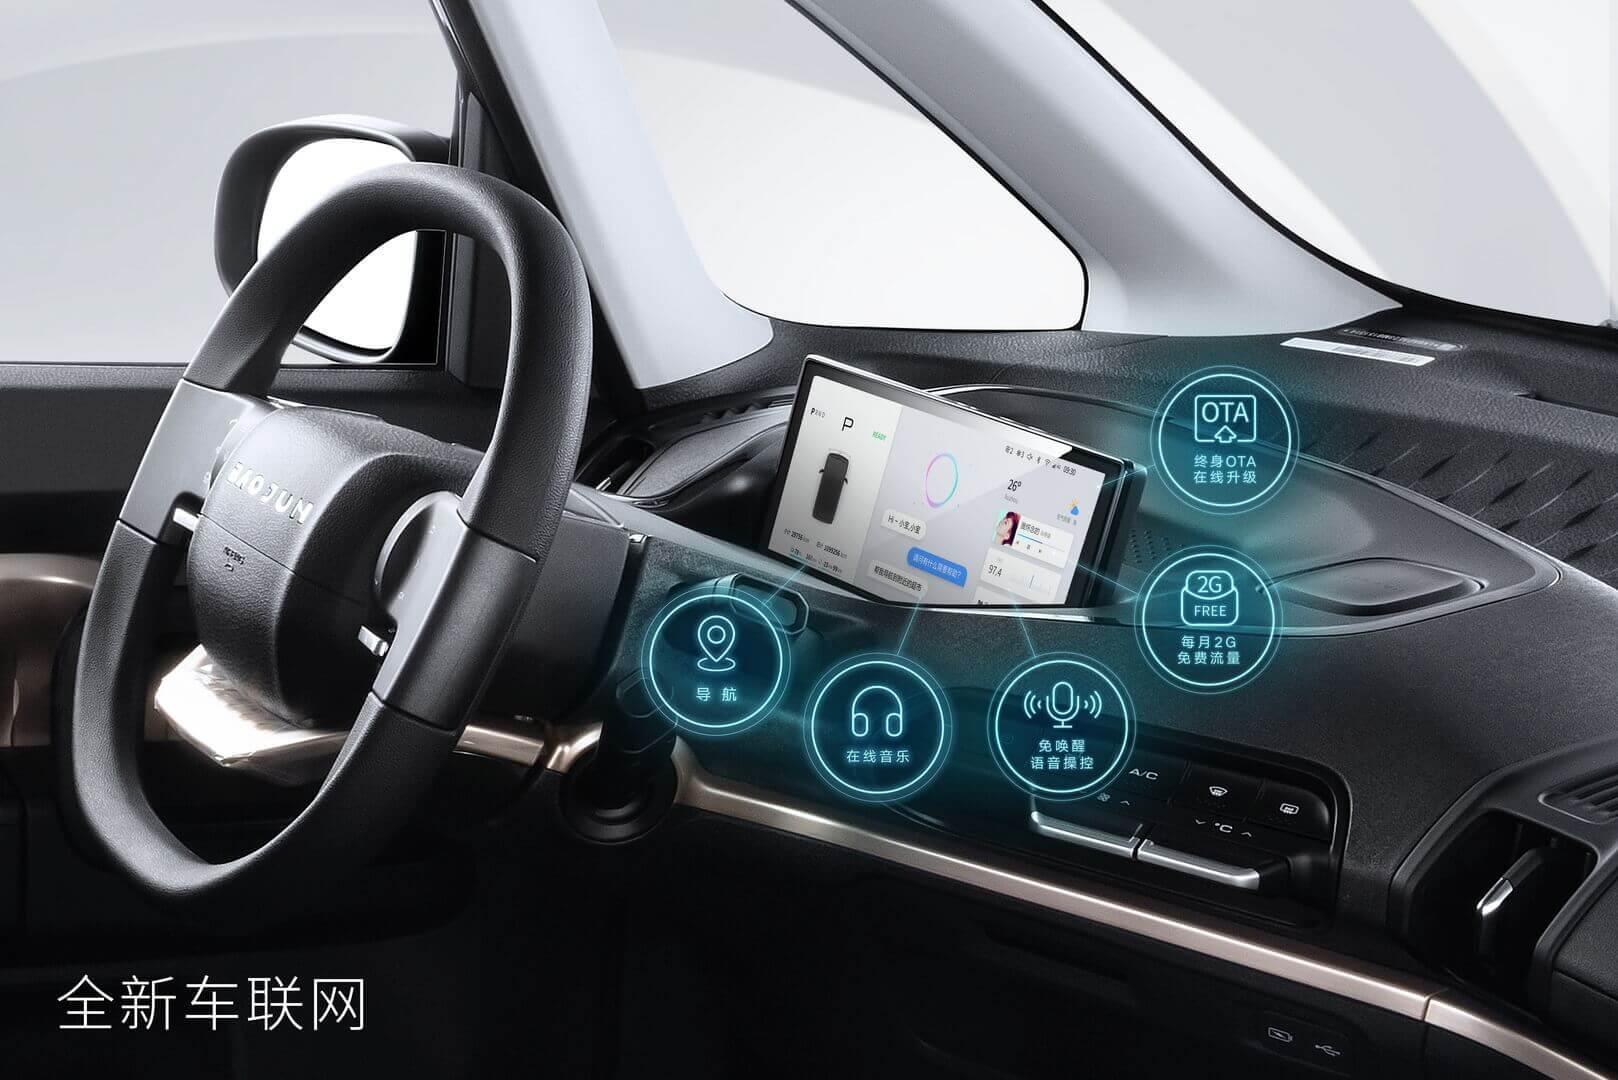 Baojun KiWi EVоснащен новейшей телематической системой Baojun2.0